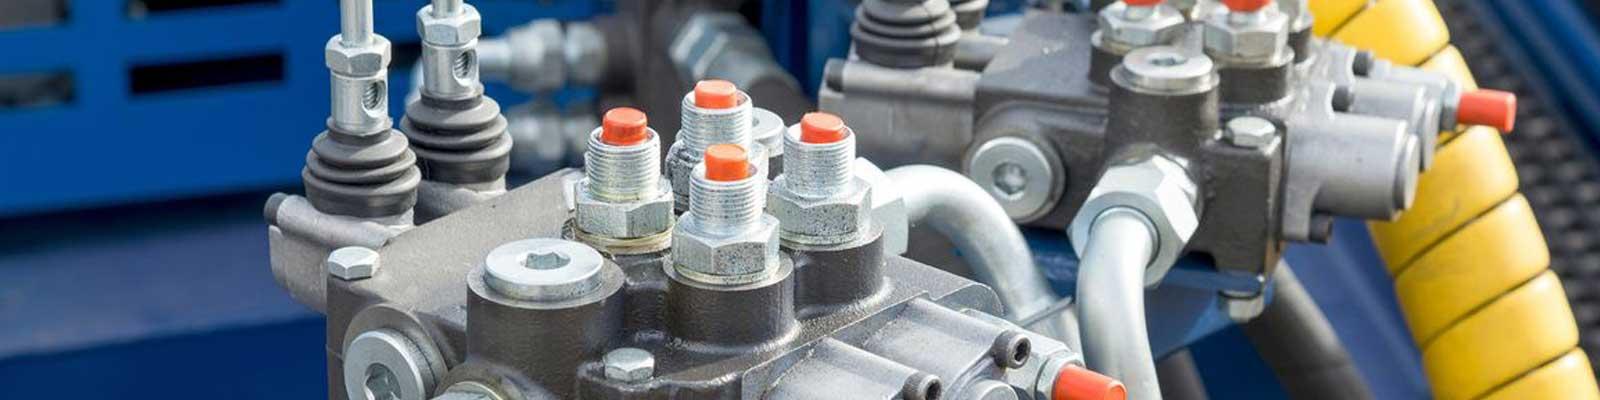 Impressum der Uwe Lerbs GmbH, Hydraulik- und Fluidtechnik